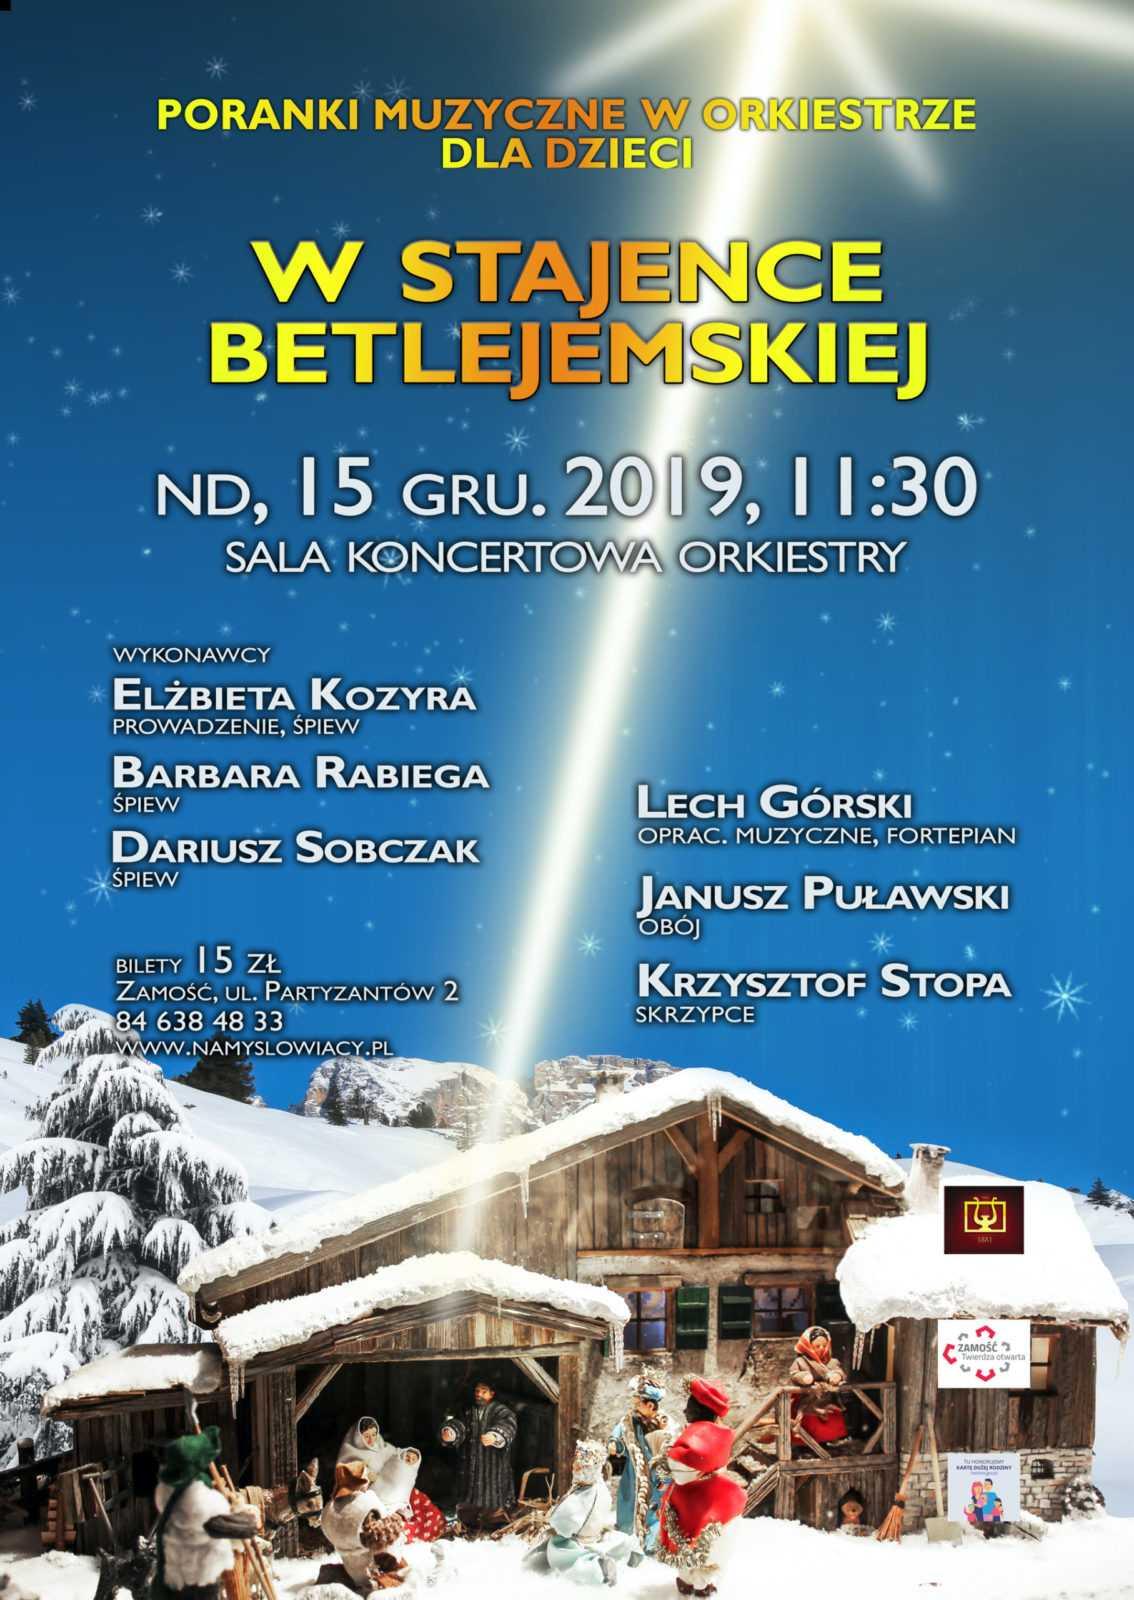 2019 12 15 w stajence betlejemskiej scaled Świąteczne opowieści z Namysłowiakami